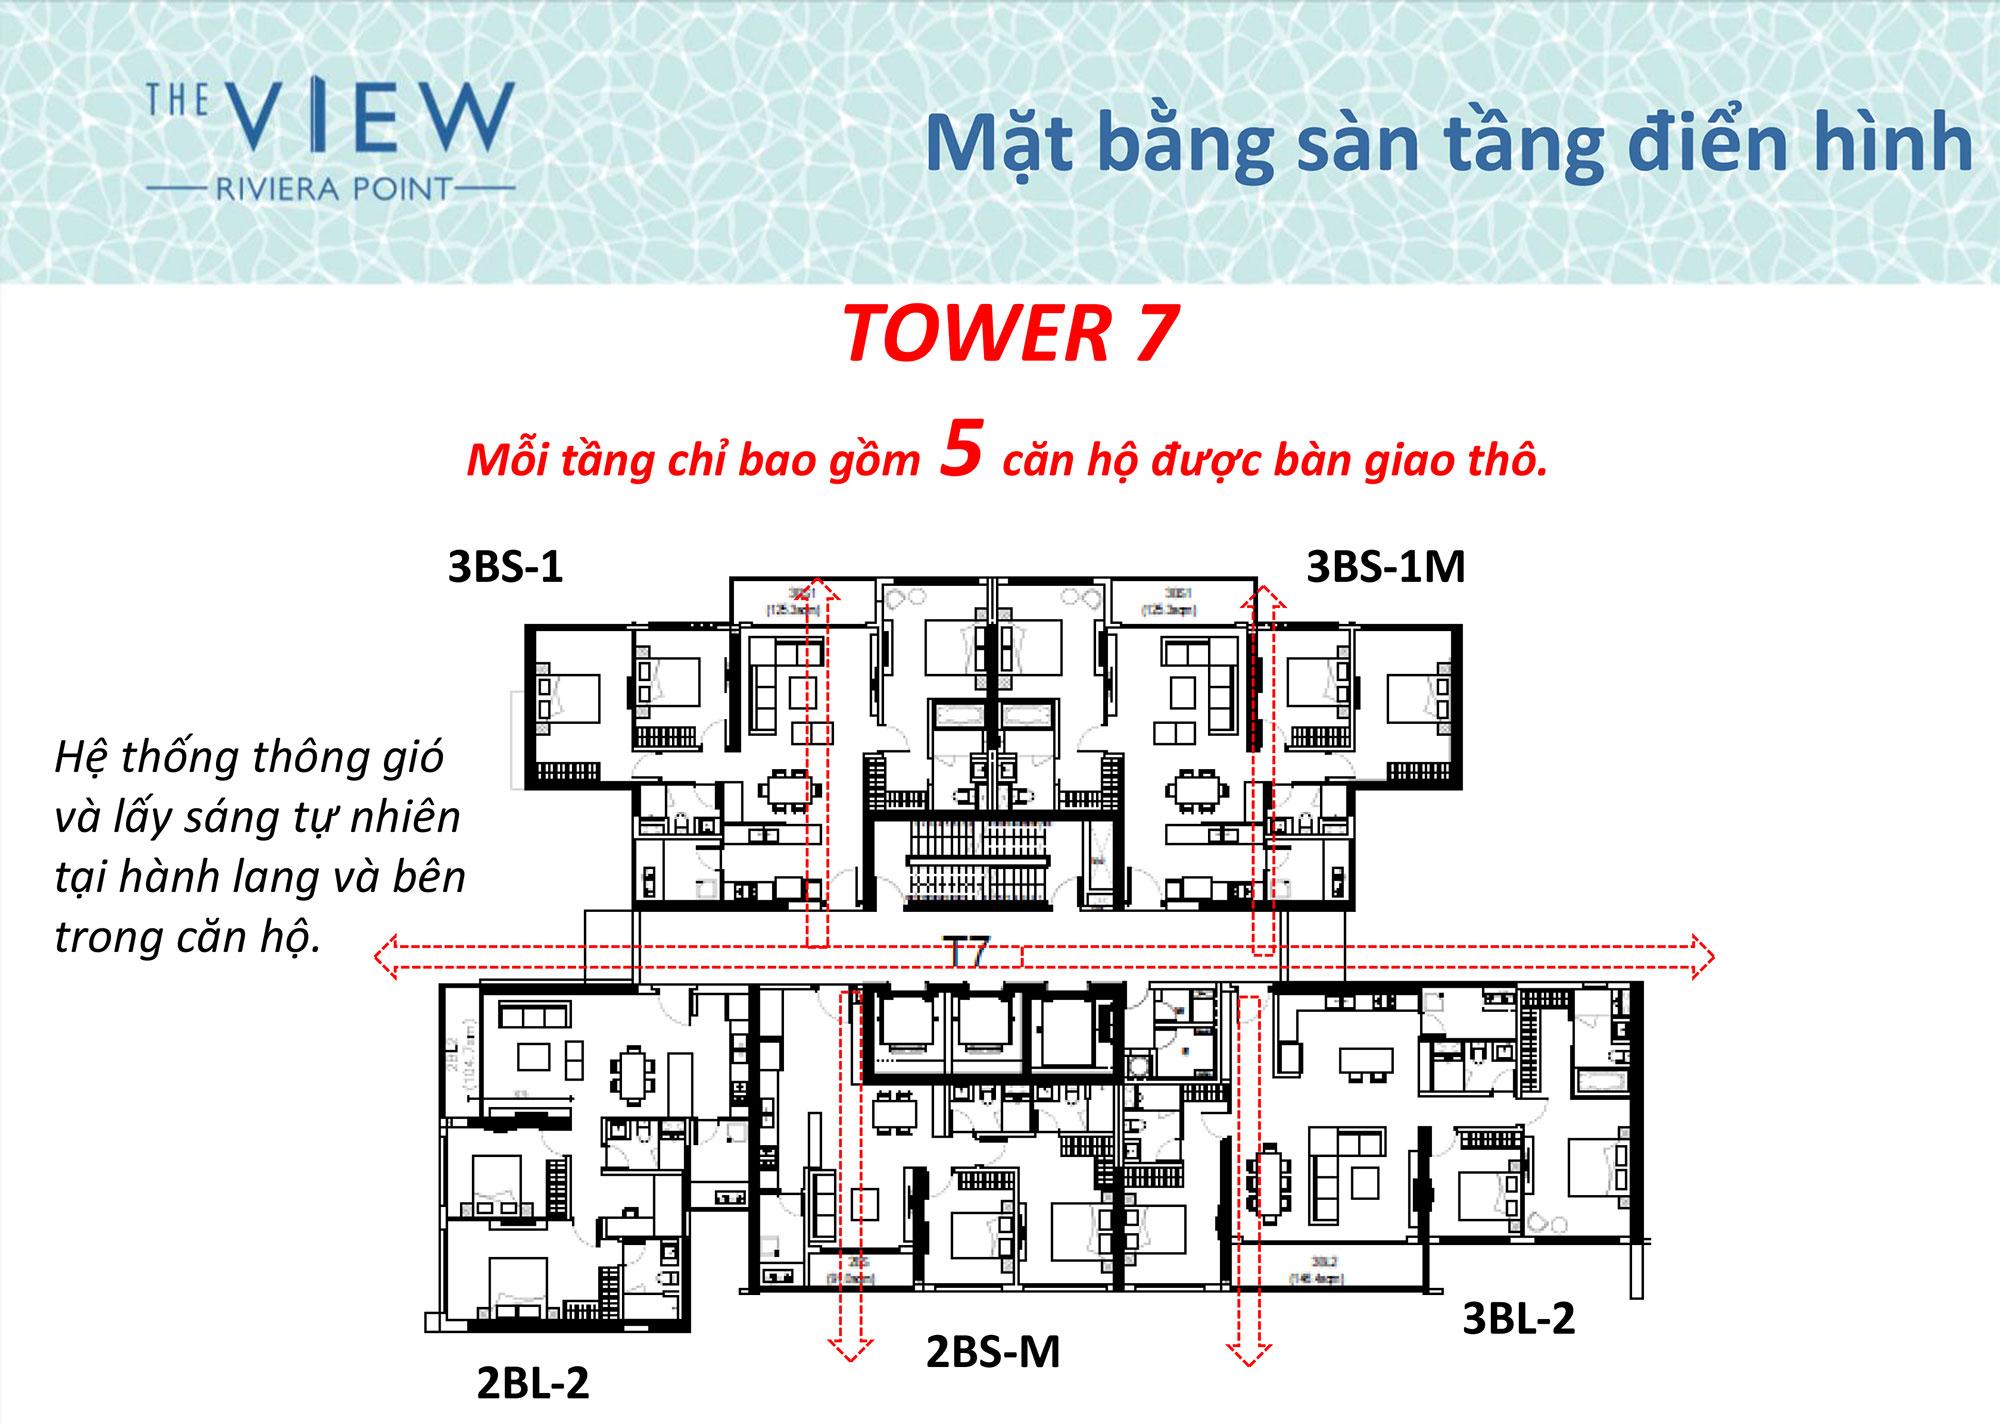 Mặt bằng tháp T7 căn hộ The View Riviera Point quận 7.